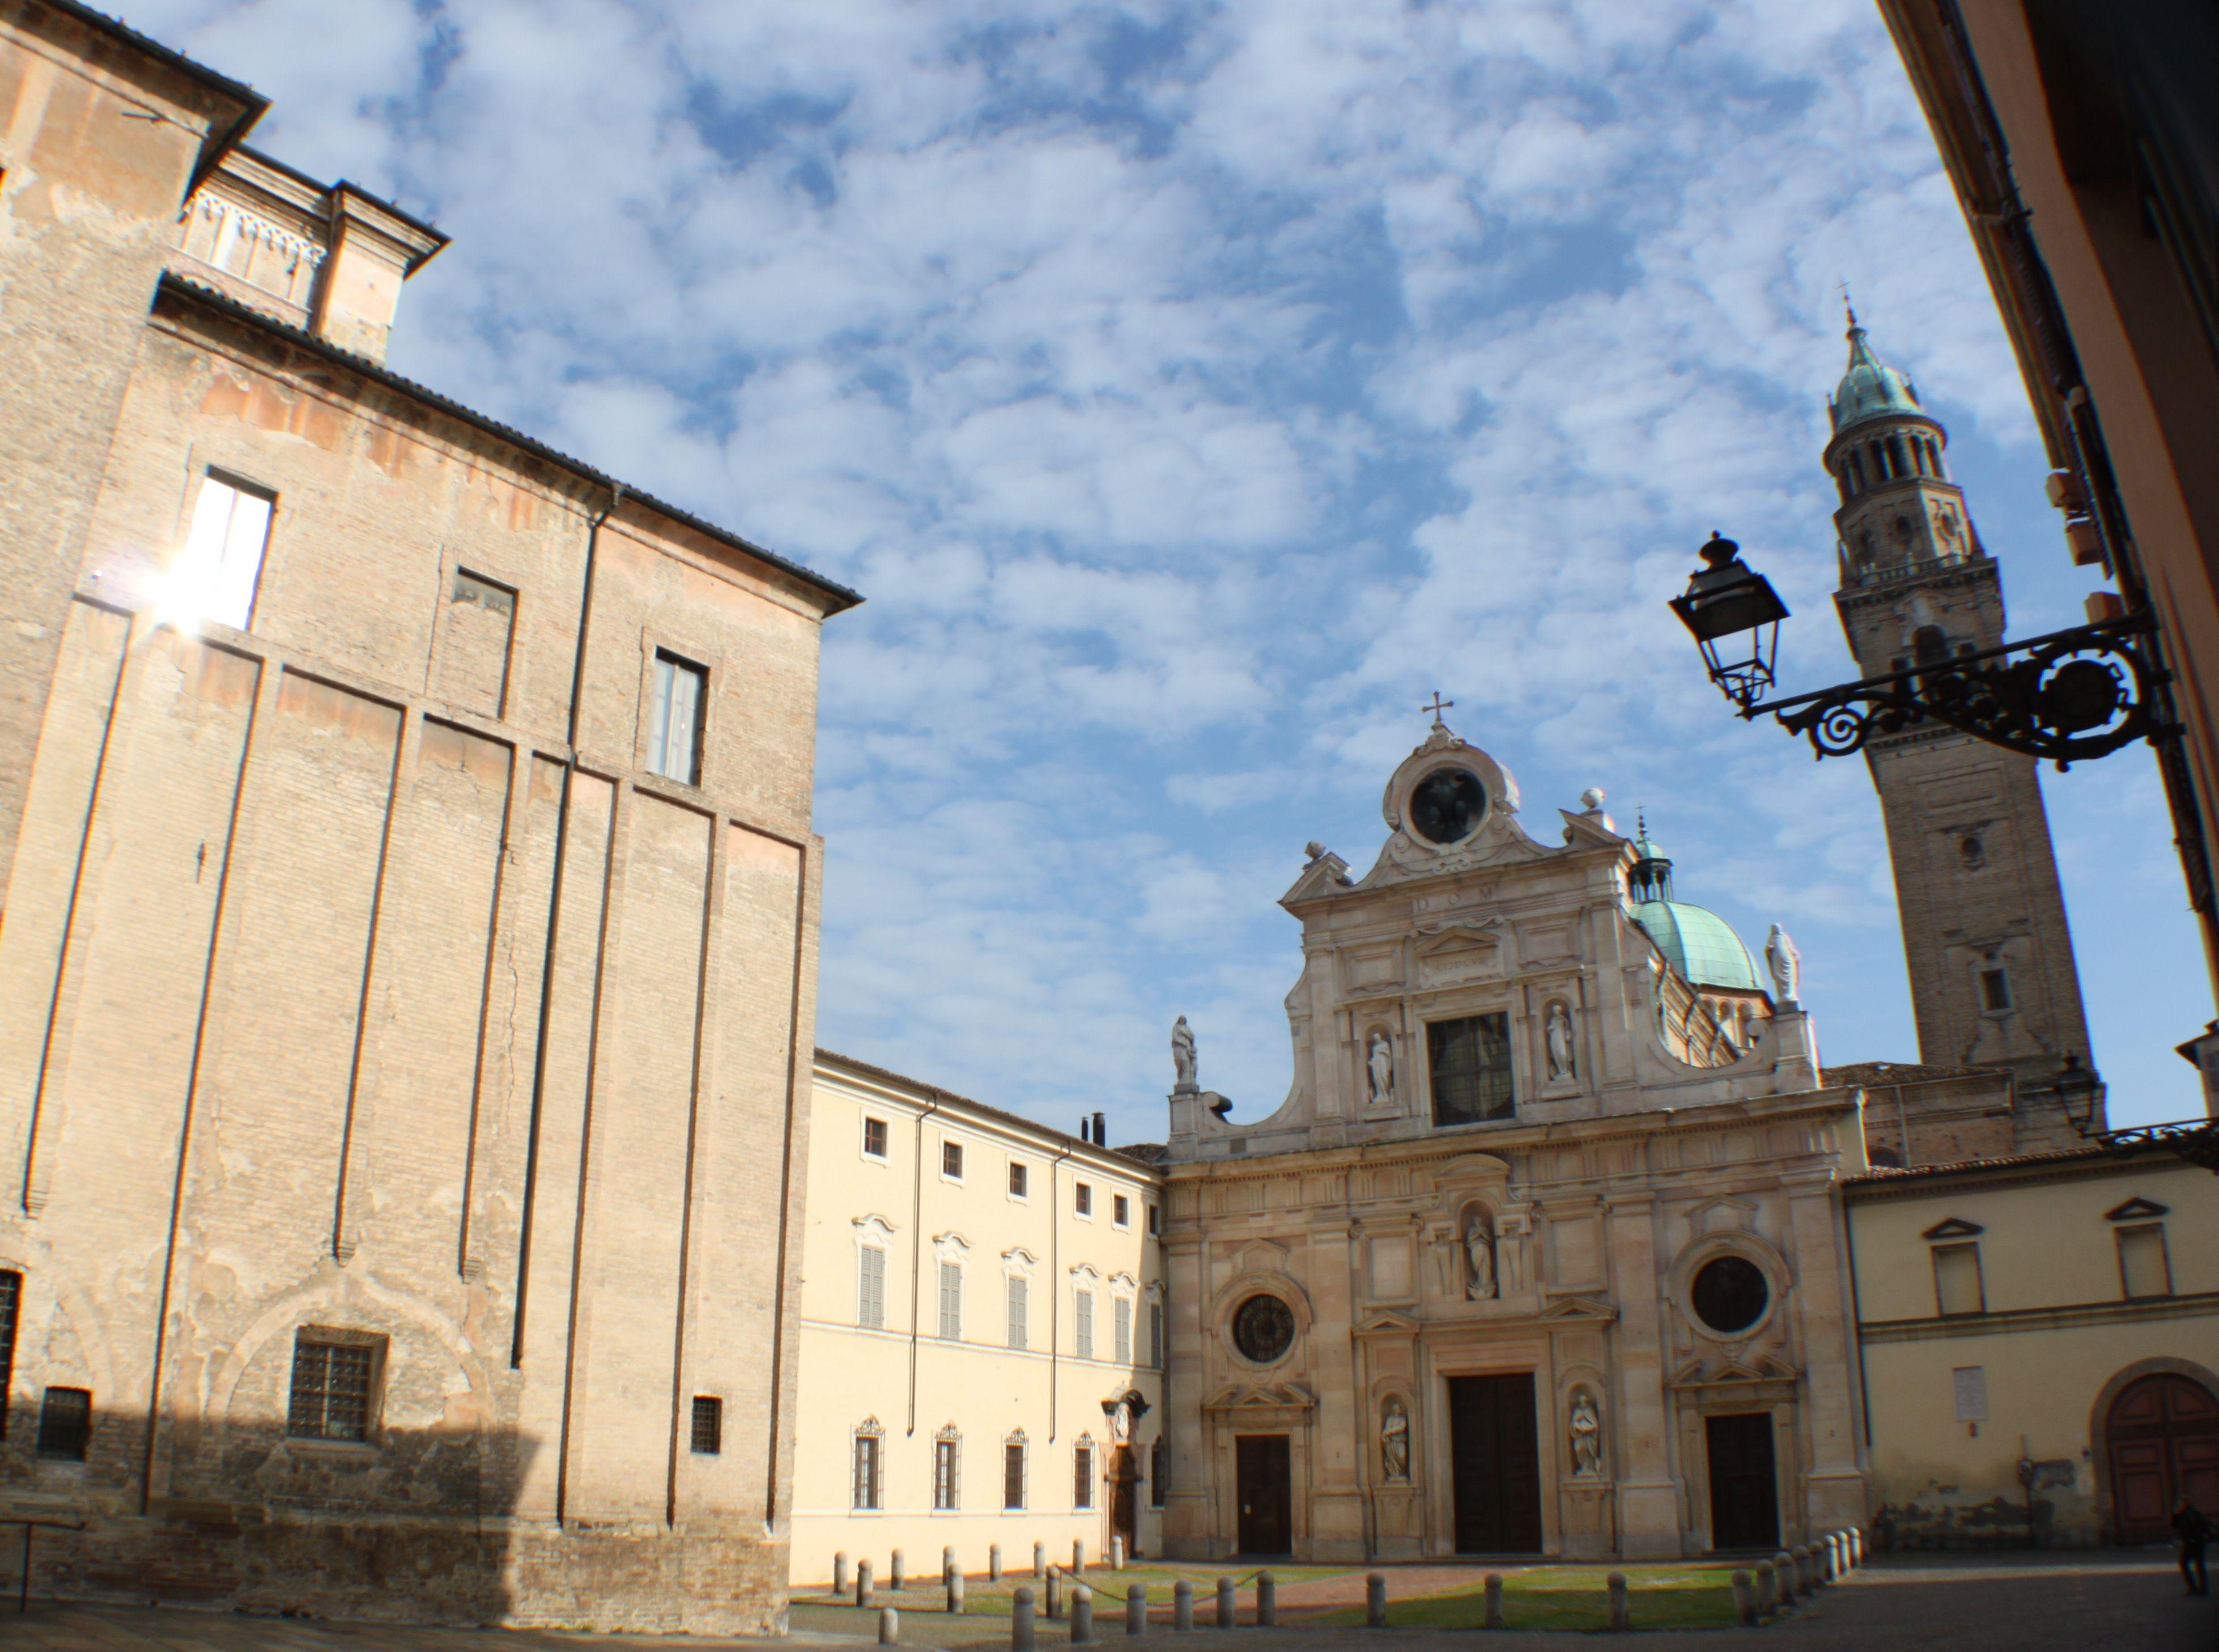 #Parma, Emilia Romagna, #Italy